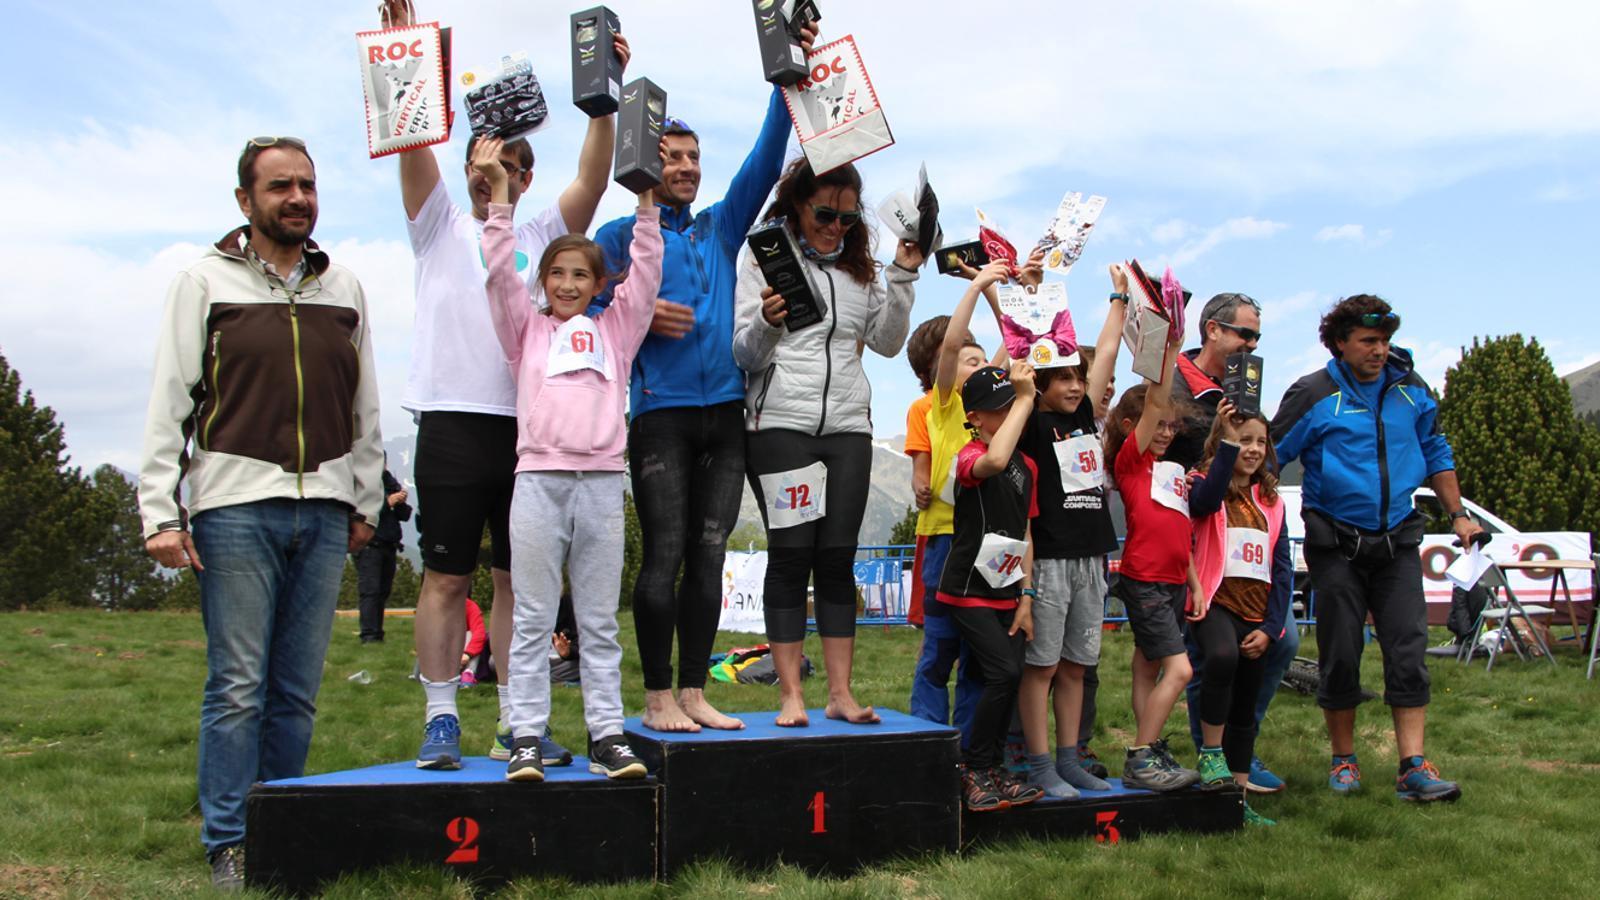 Els guanyadors de la cursa curta d'orientació. / M. P. (ANA)